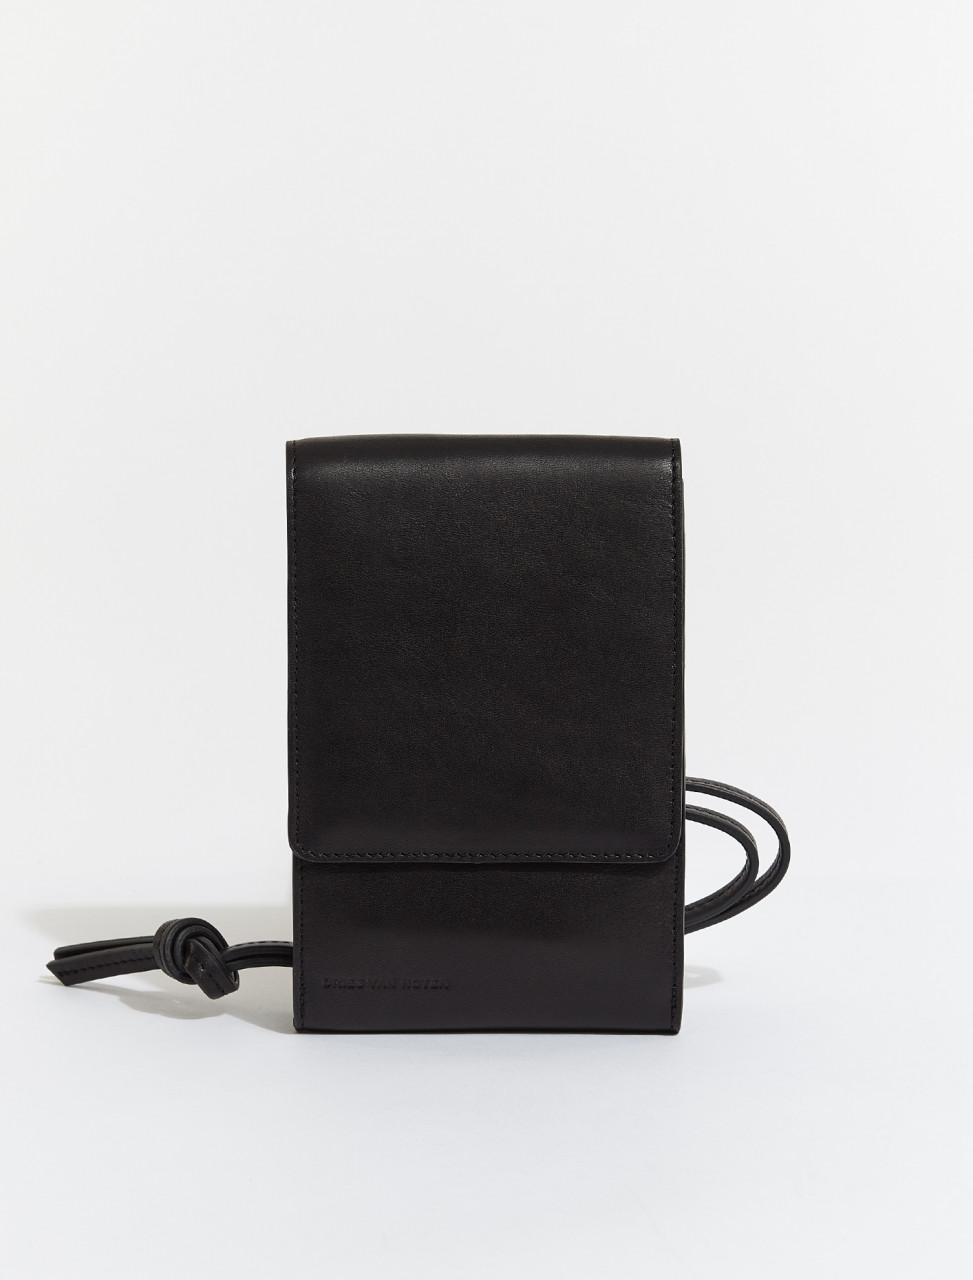 211-22100-111-900DRIES VAN NOTEN PHONE POUCH IN BLACK